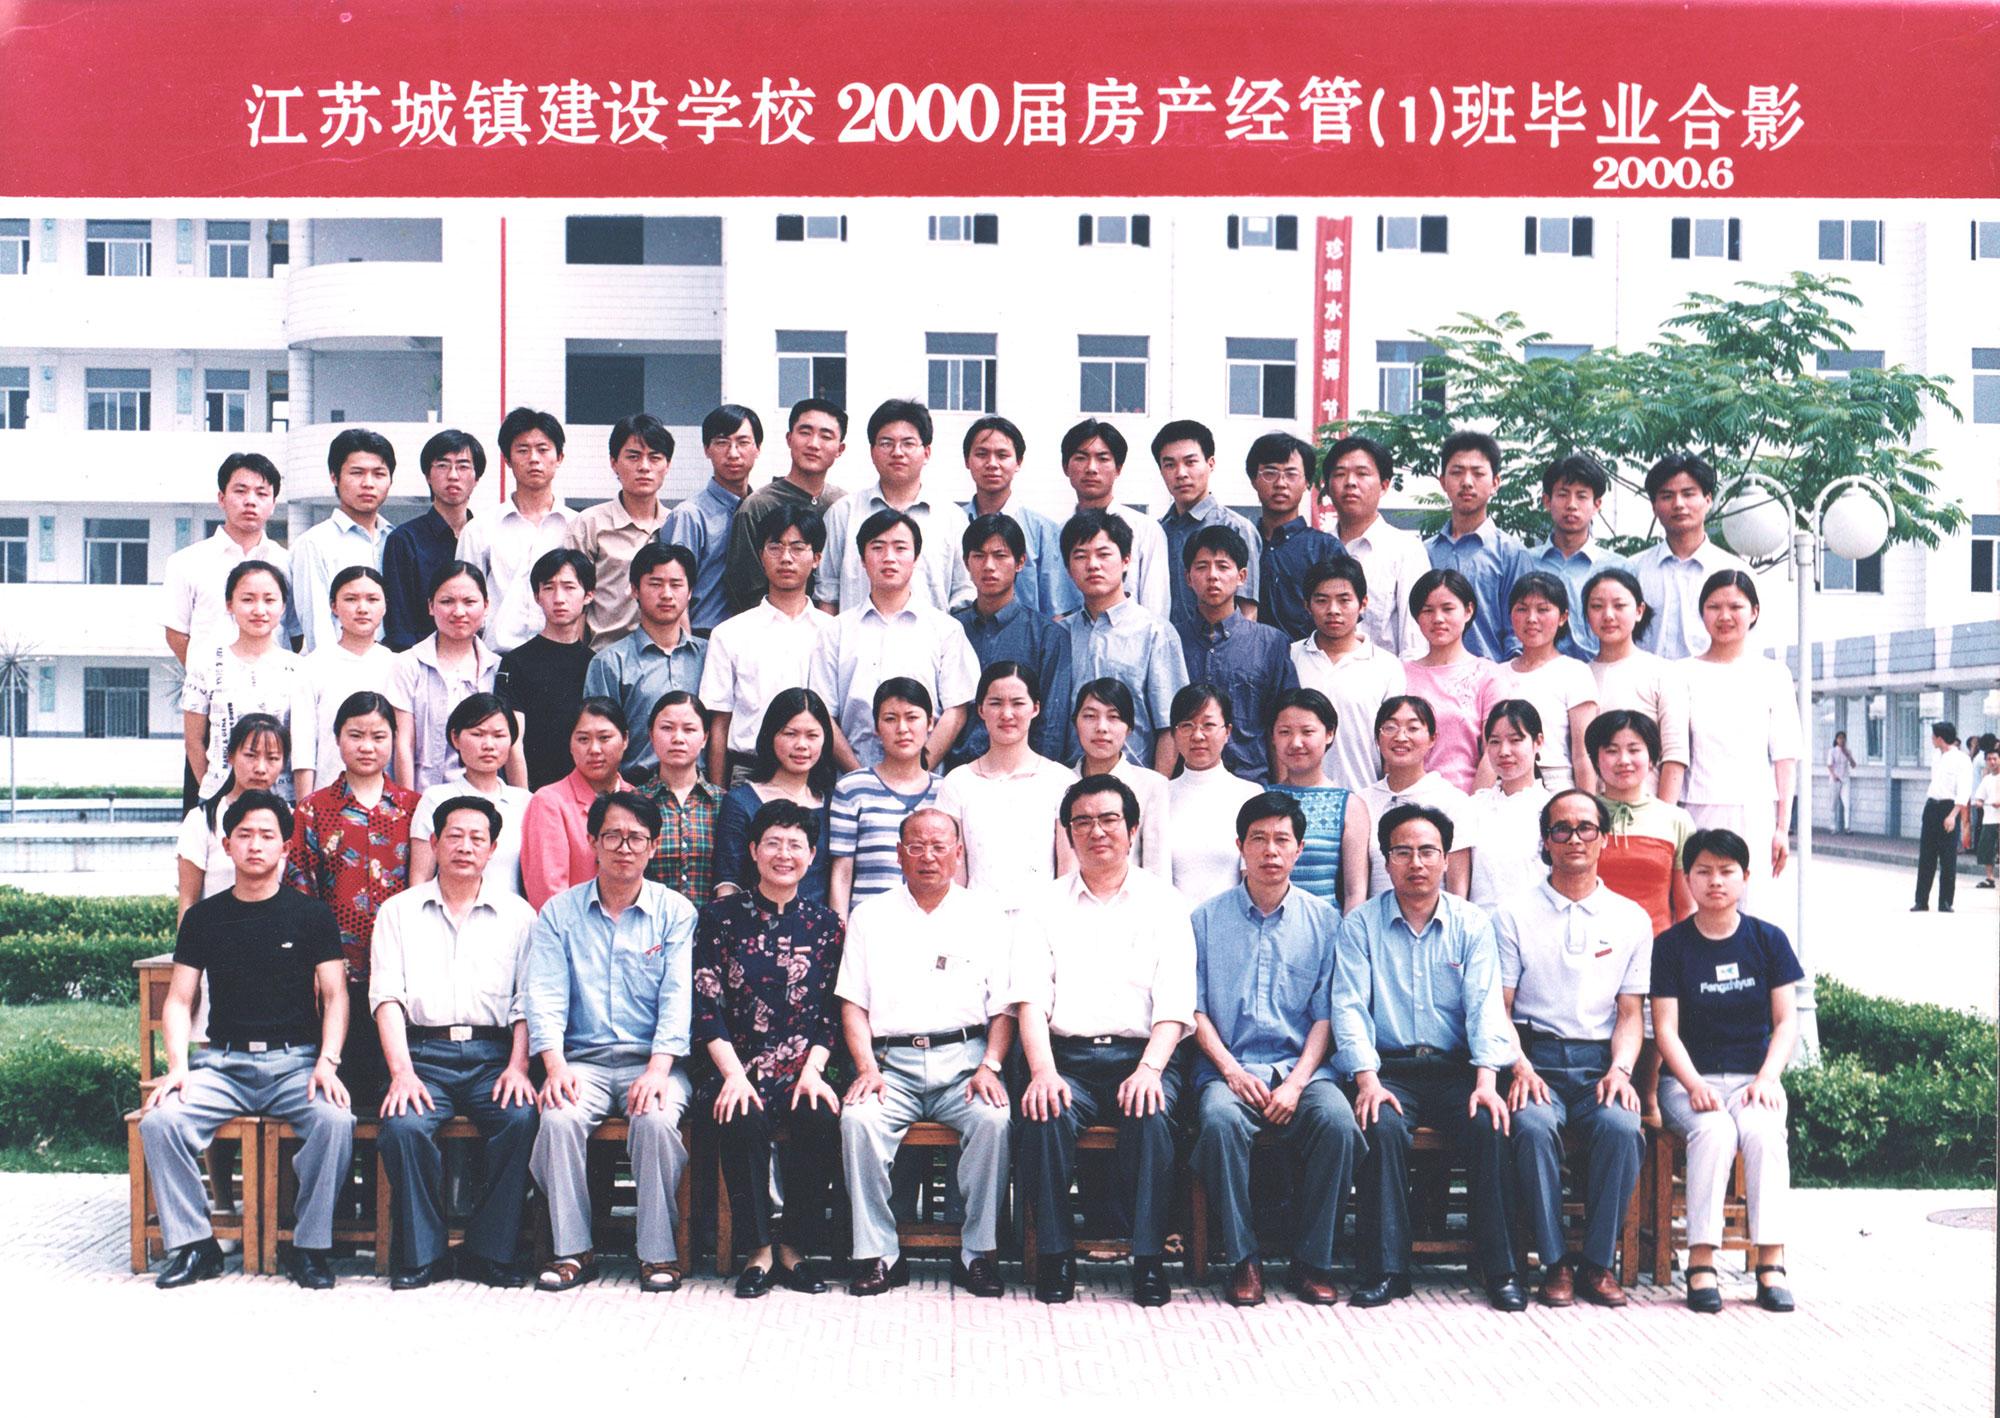 2000届房产经管(1)班毕业合影